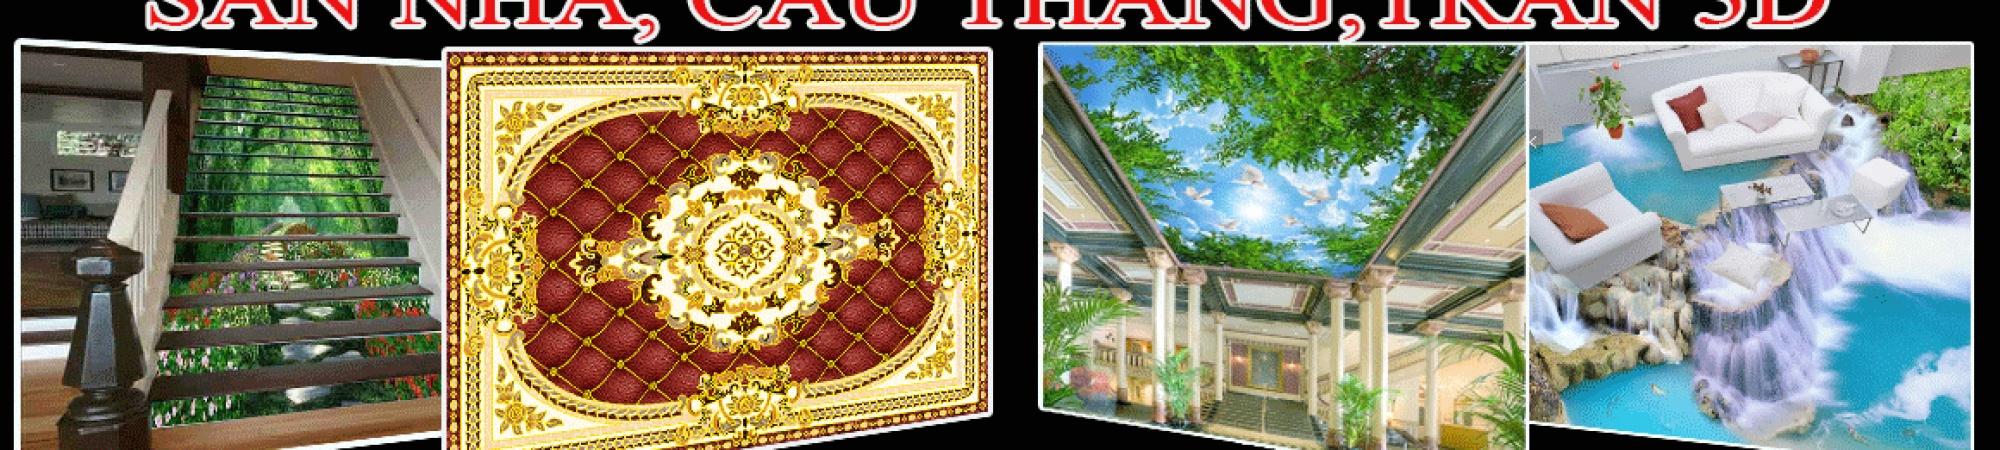 Sàn nhà, Cầu thang, Trần 3D